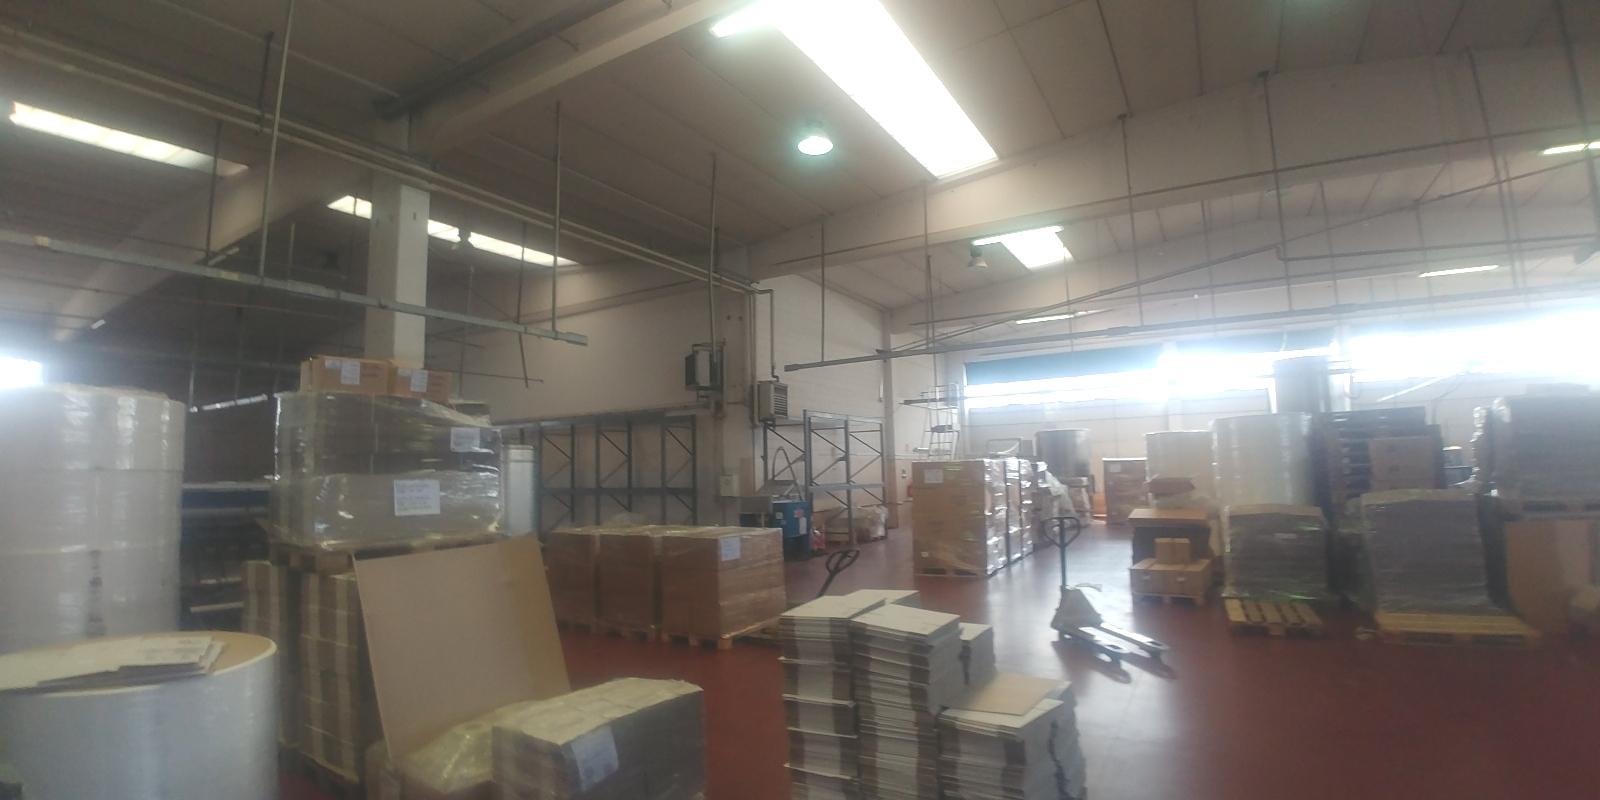 Capannone,Negozio,Ufficio in Affitto  a San giuliano milanese - RIF. ZLHV071